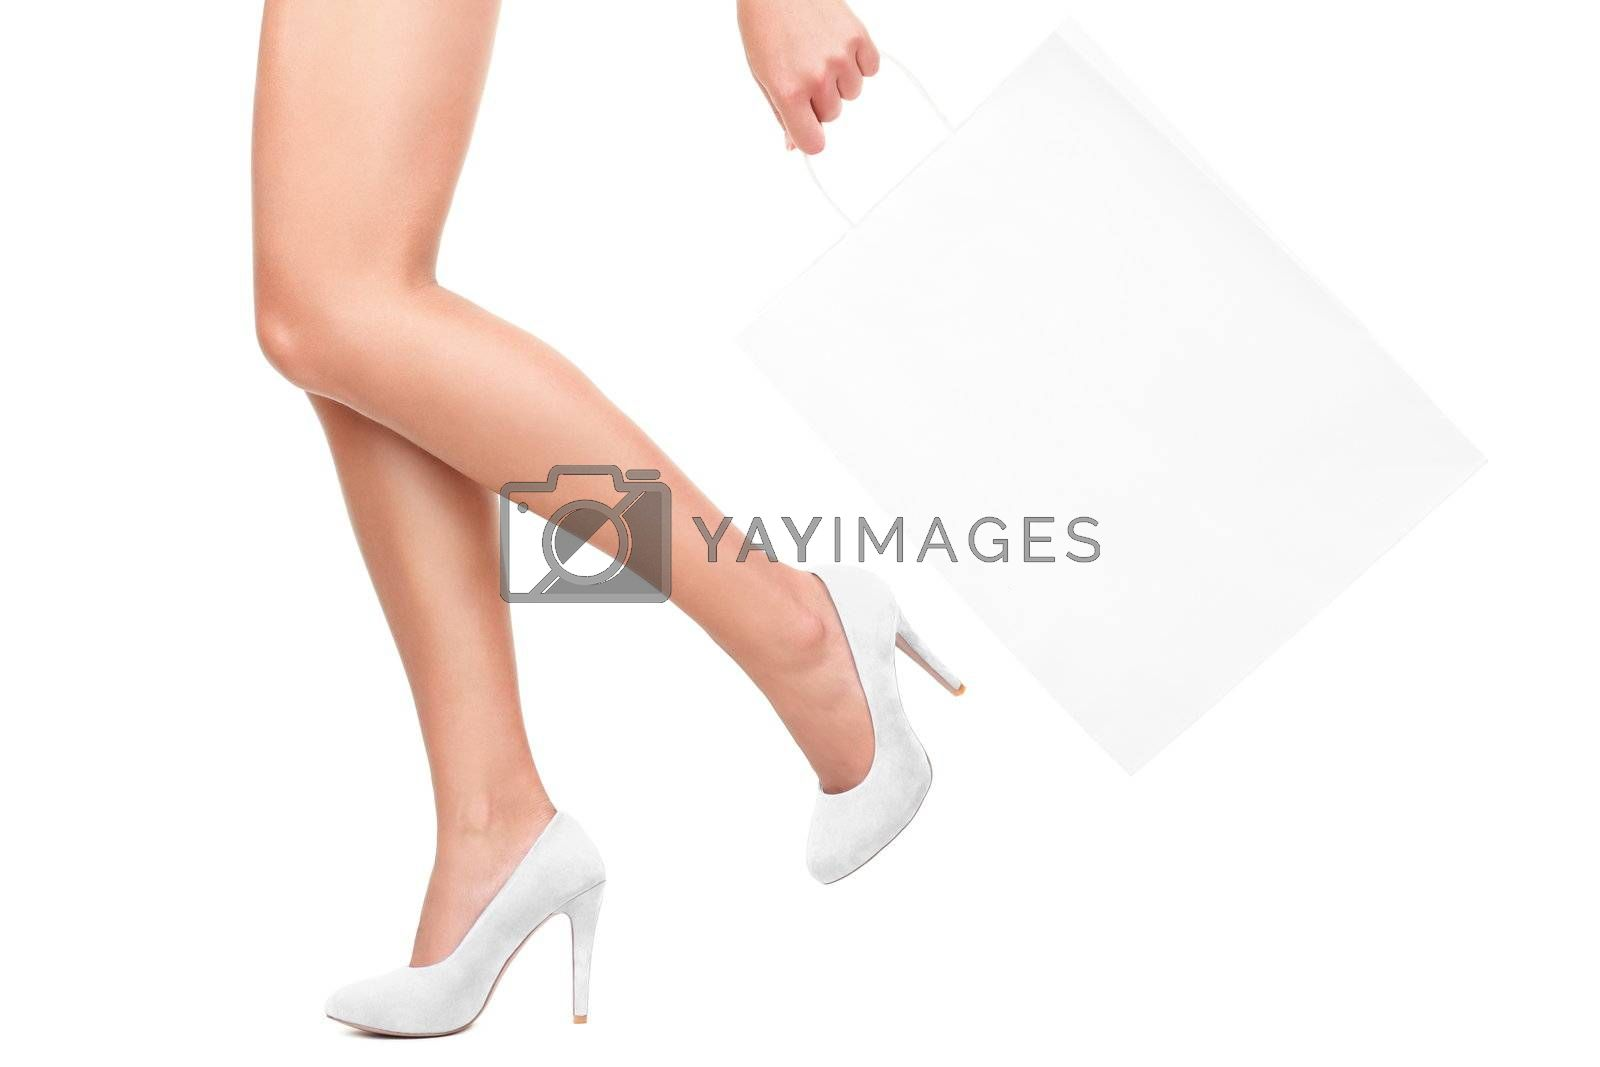 Shopping in white by Ariwasabi